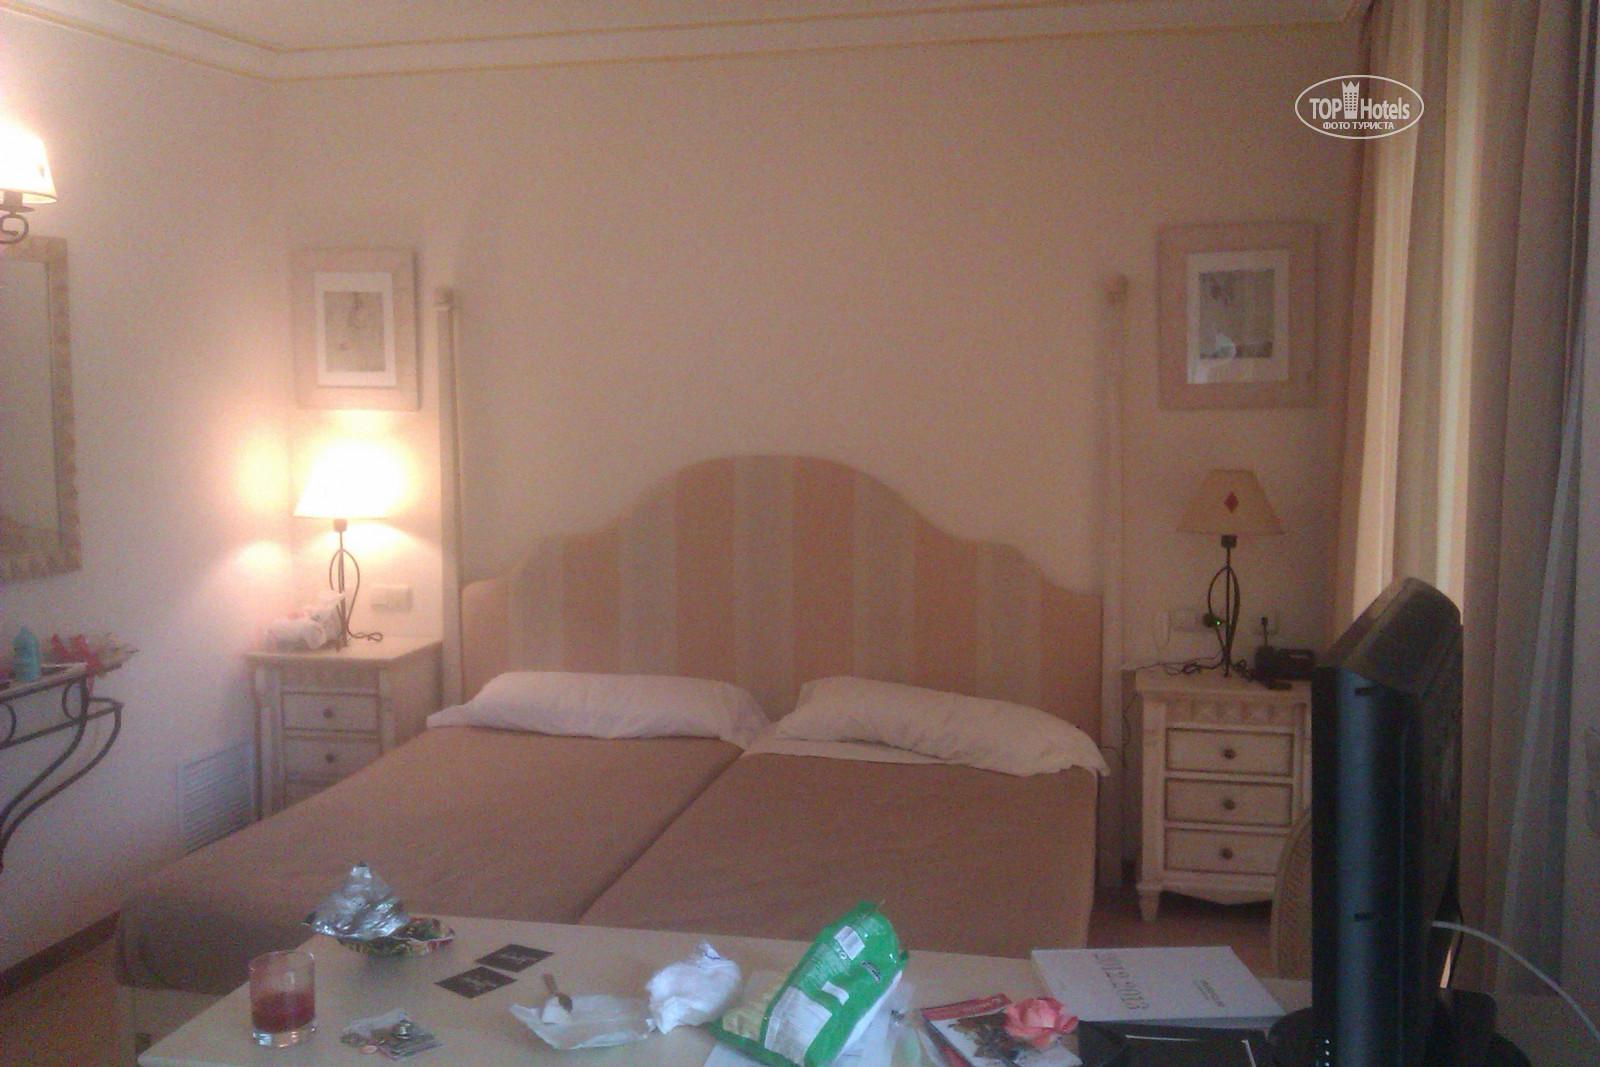 vanity hotel suite spa 4 tophotels. Black Bedroom Furniture Sets. Home Design Ideas